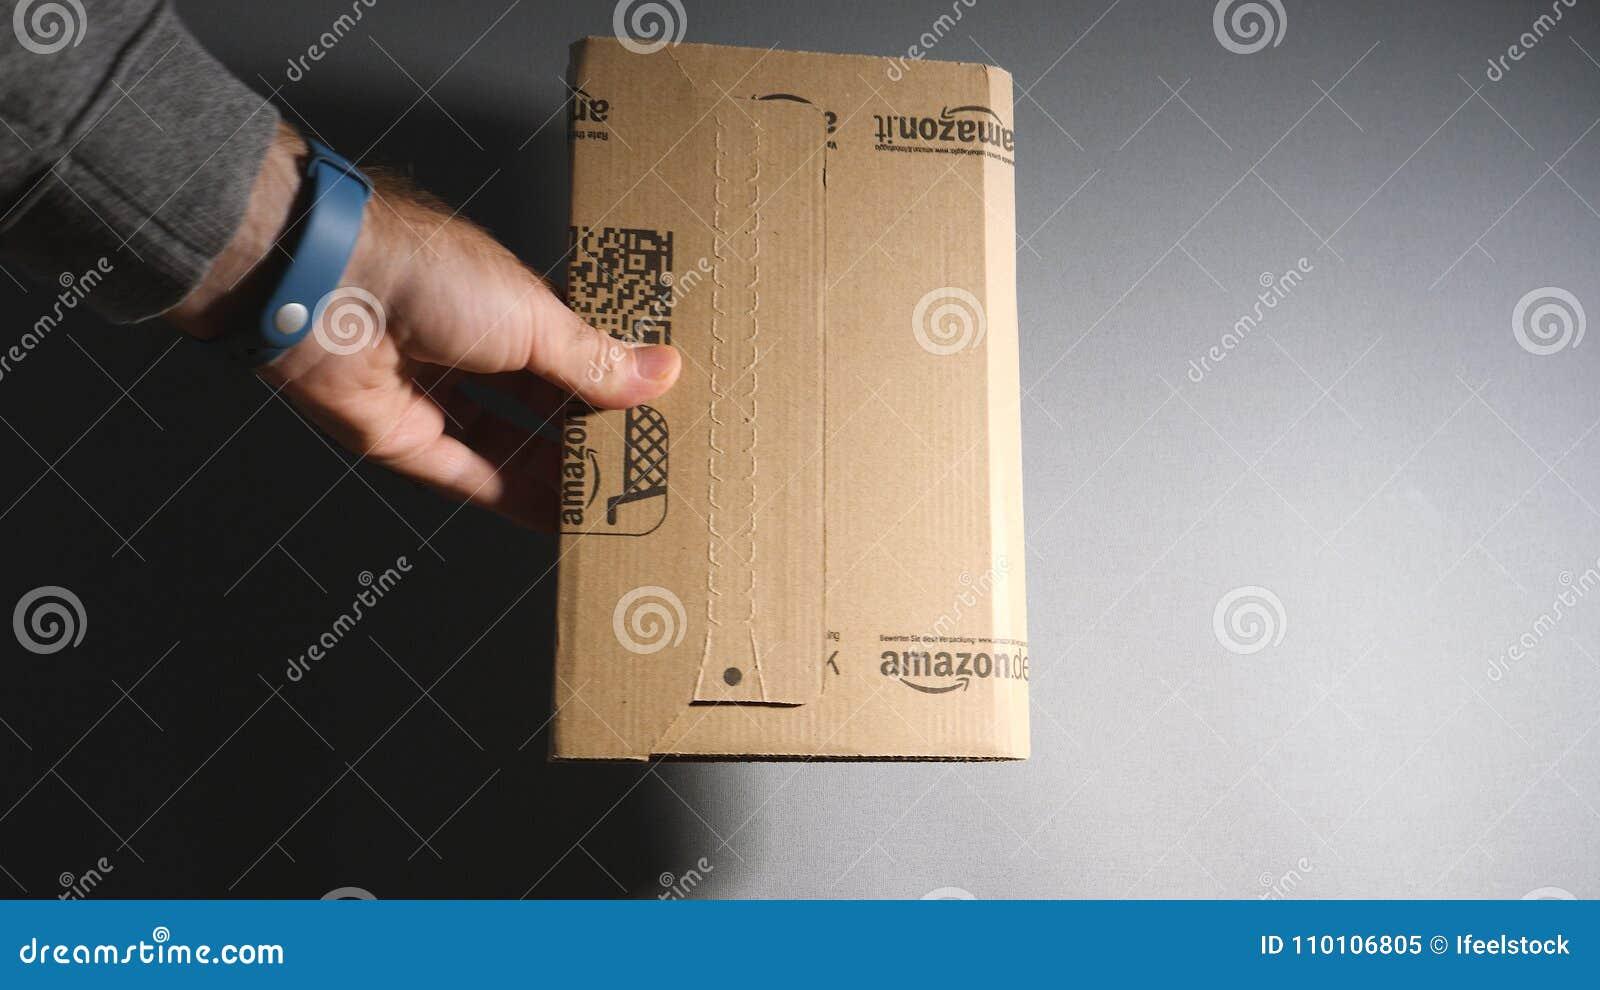 Amazon Book Database